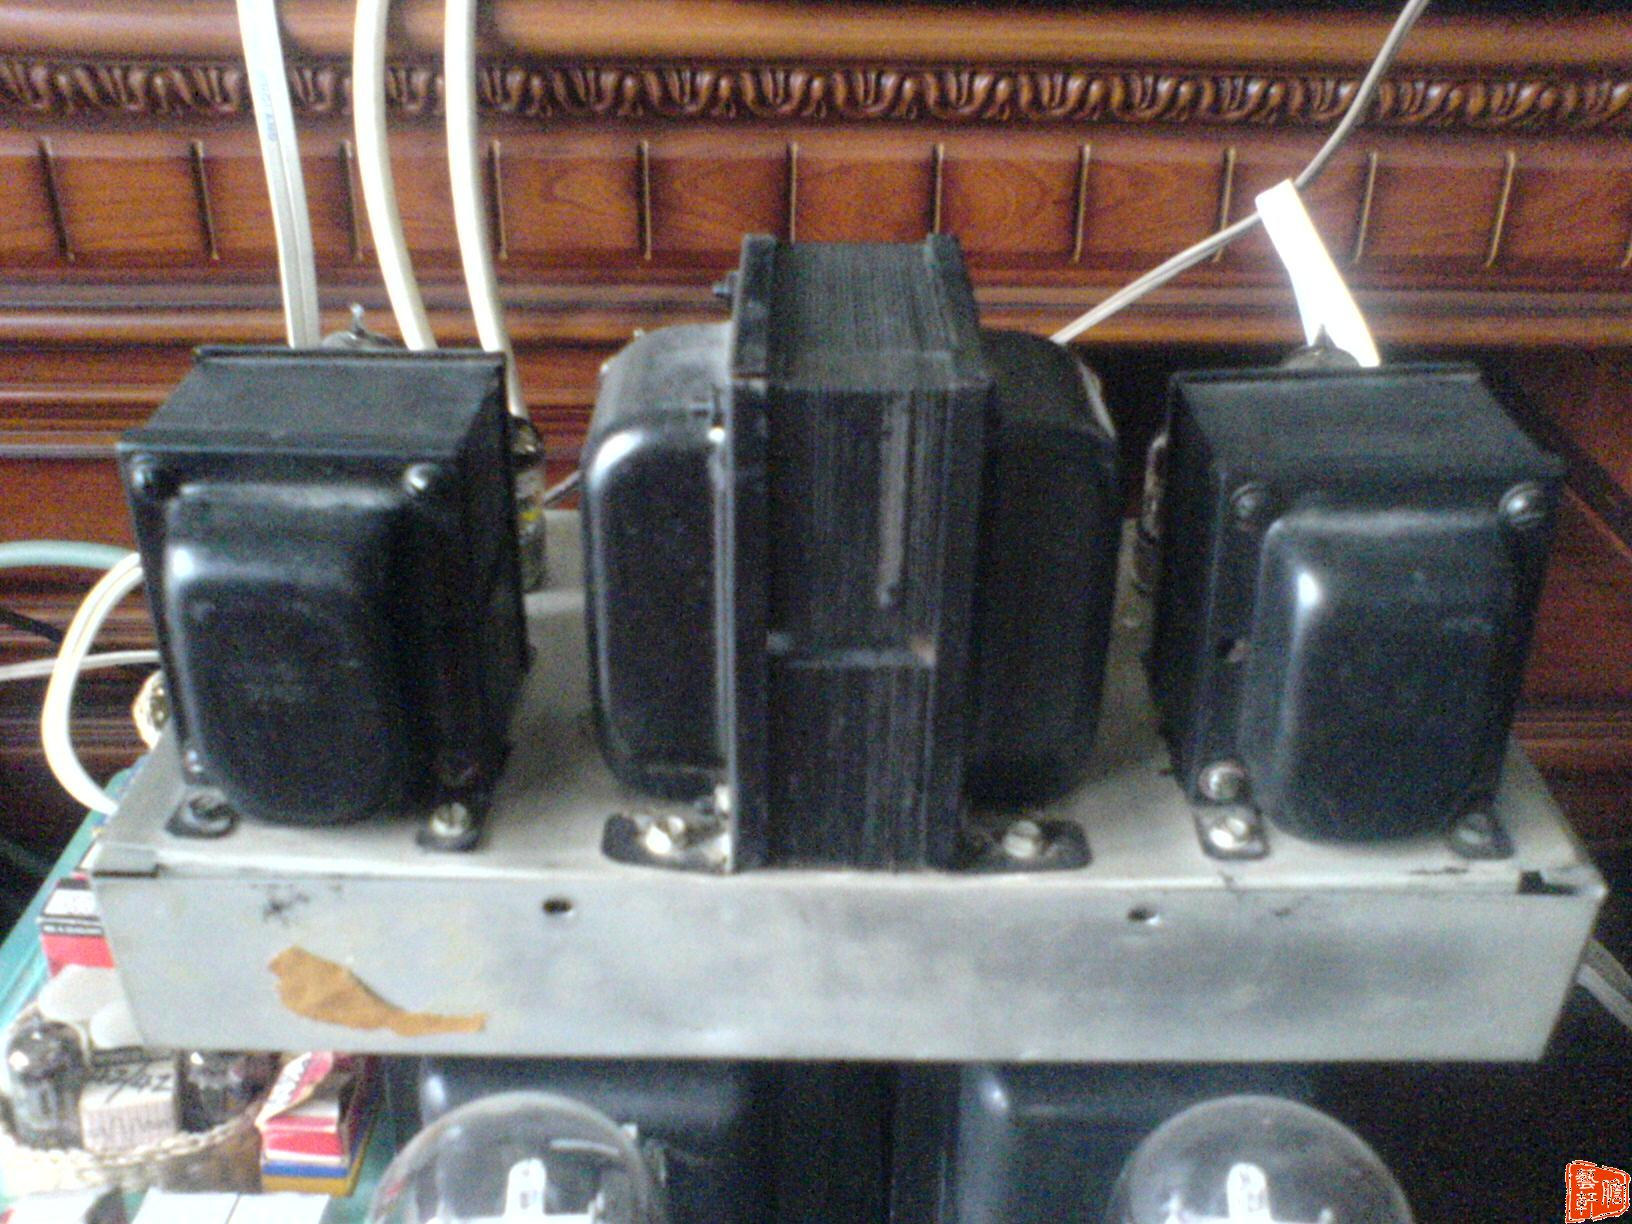 ampex 6793 stereo-131223_1261723964mmpm-jpg